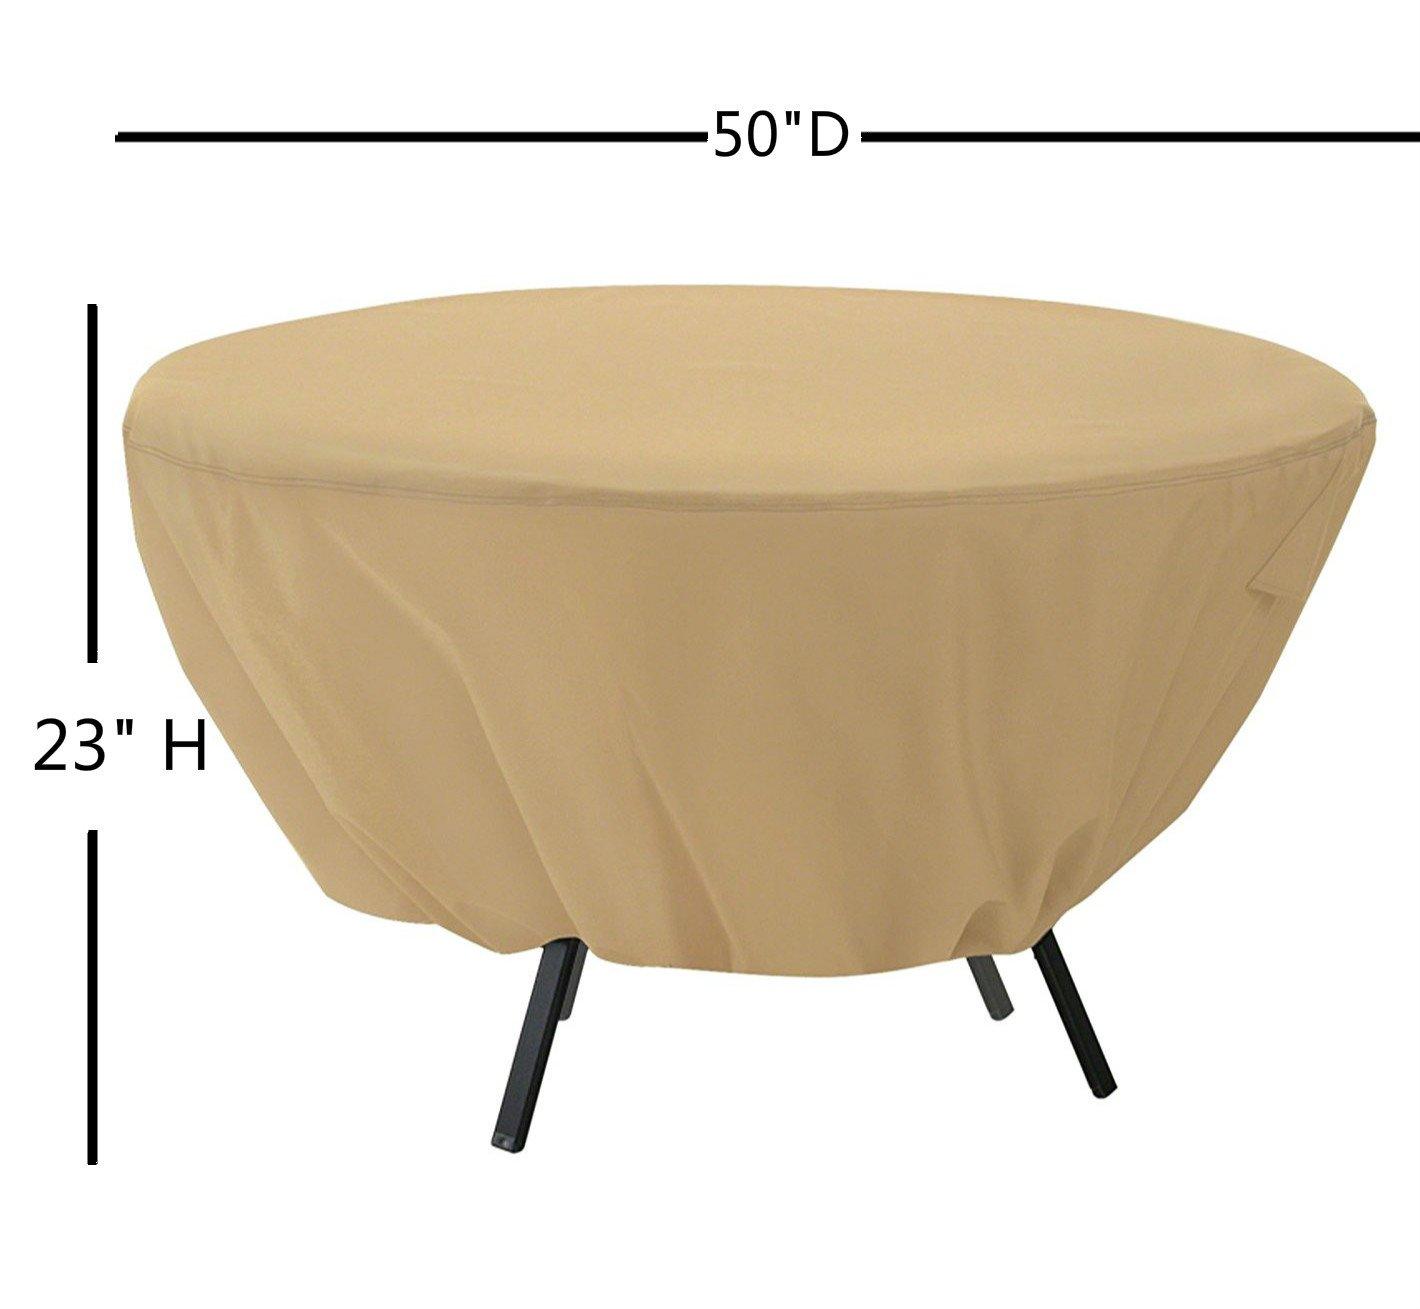 15m Mitefu Housse de Protection pour Table Ronde Patio Couverture Imperm/éable pour Meuble de Jardin